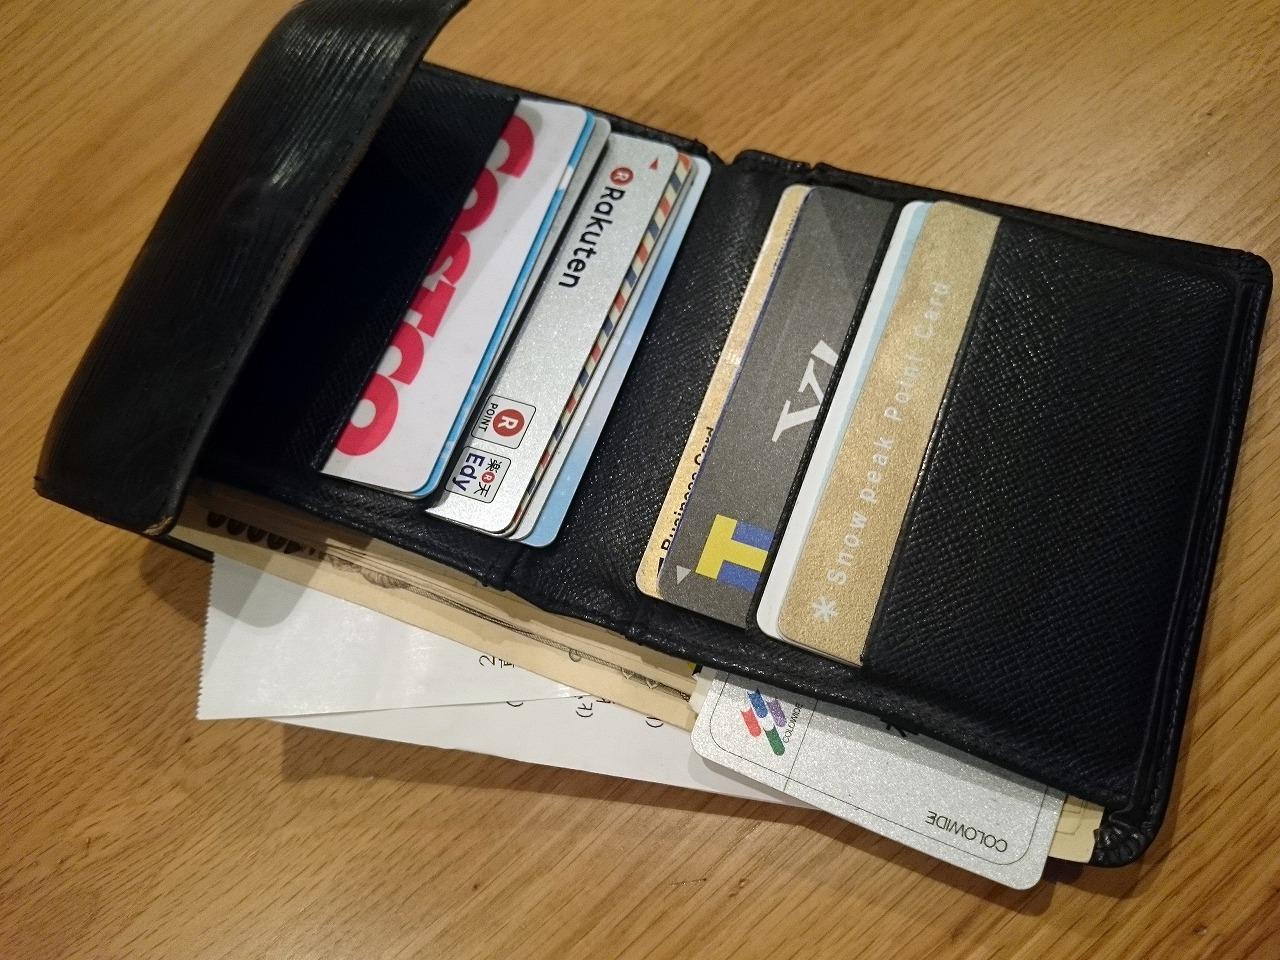 outlet store b1c30 05001 ルイヴィトンの長財布をオンラインショップで買ってみました ...